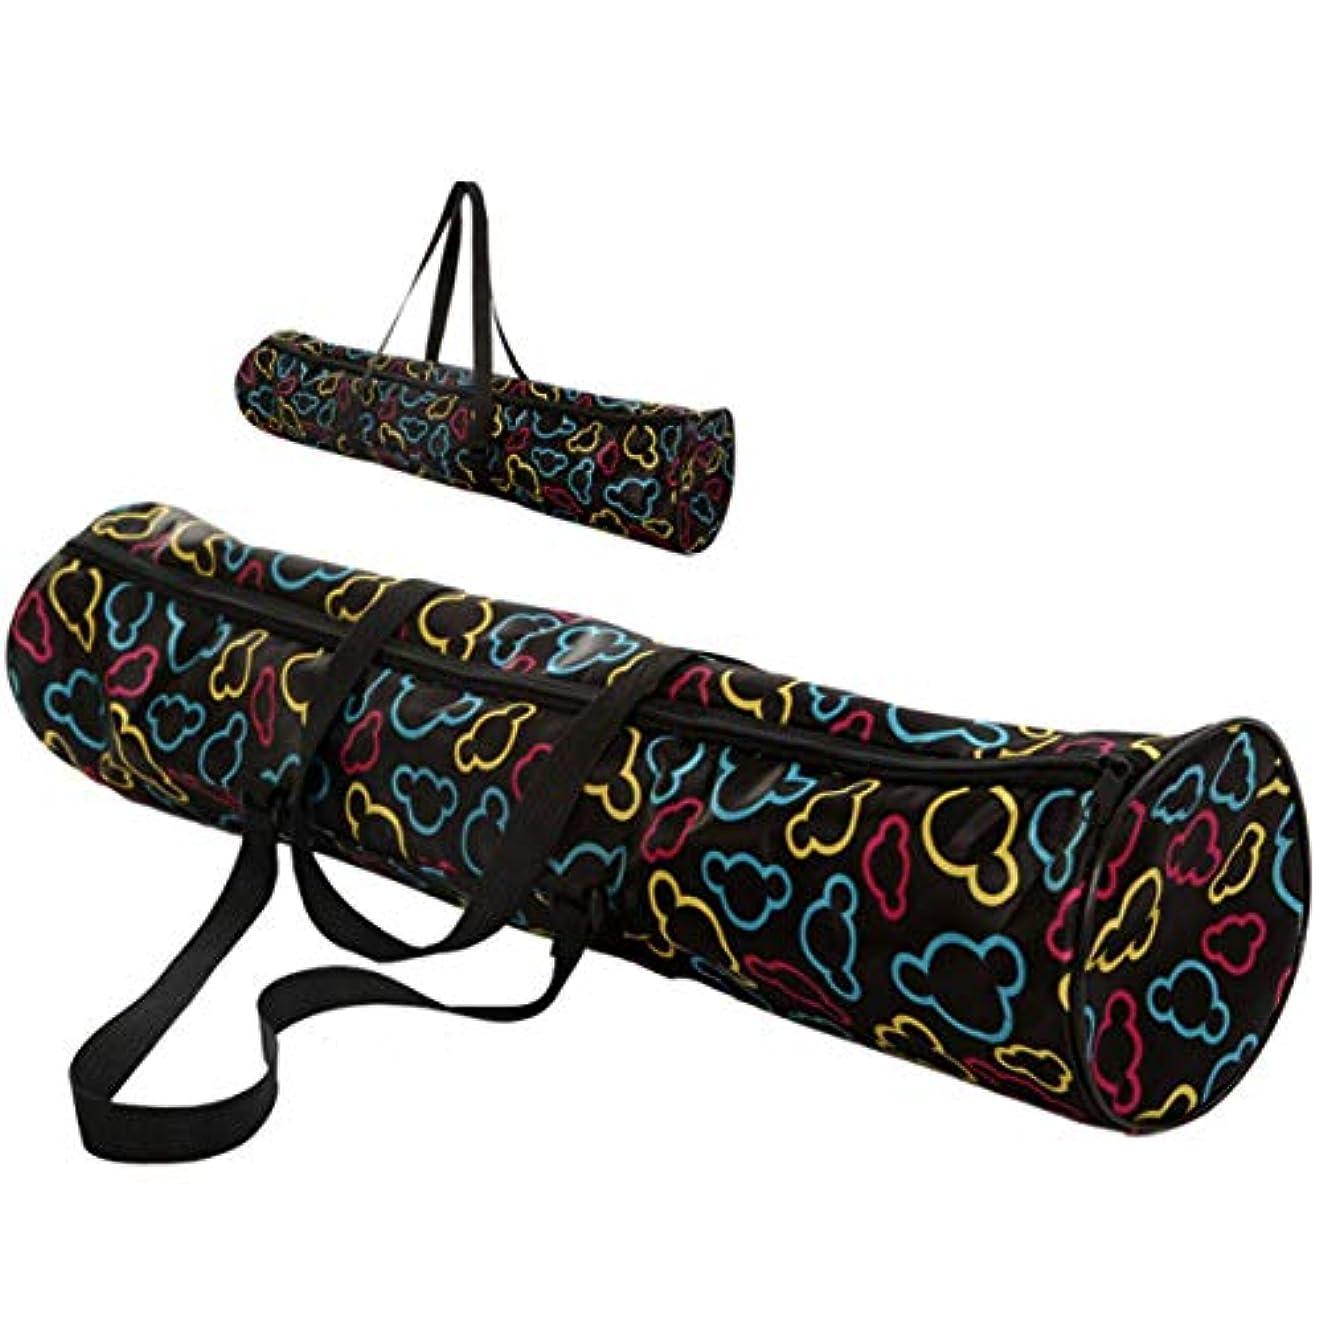 ストライプと遊ぶ尊厳Intercorey多機能防水ヨガマットキャリーバックパックアウトドアスポーツバッグポーチファッションヨガバッグ